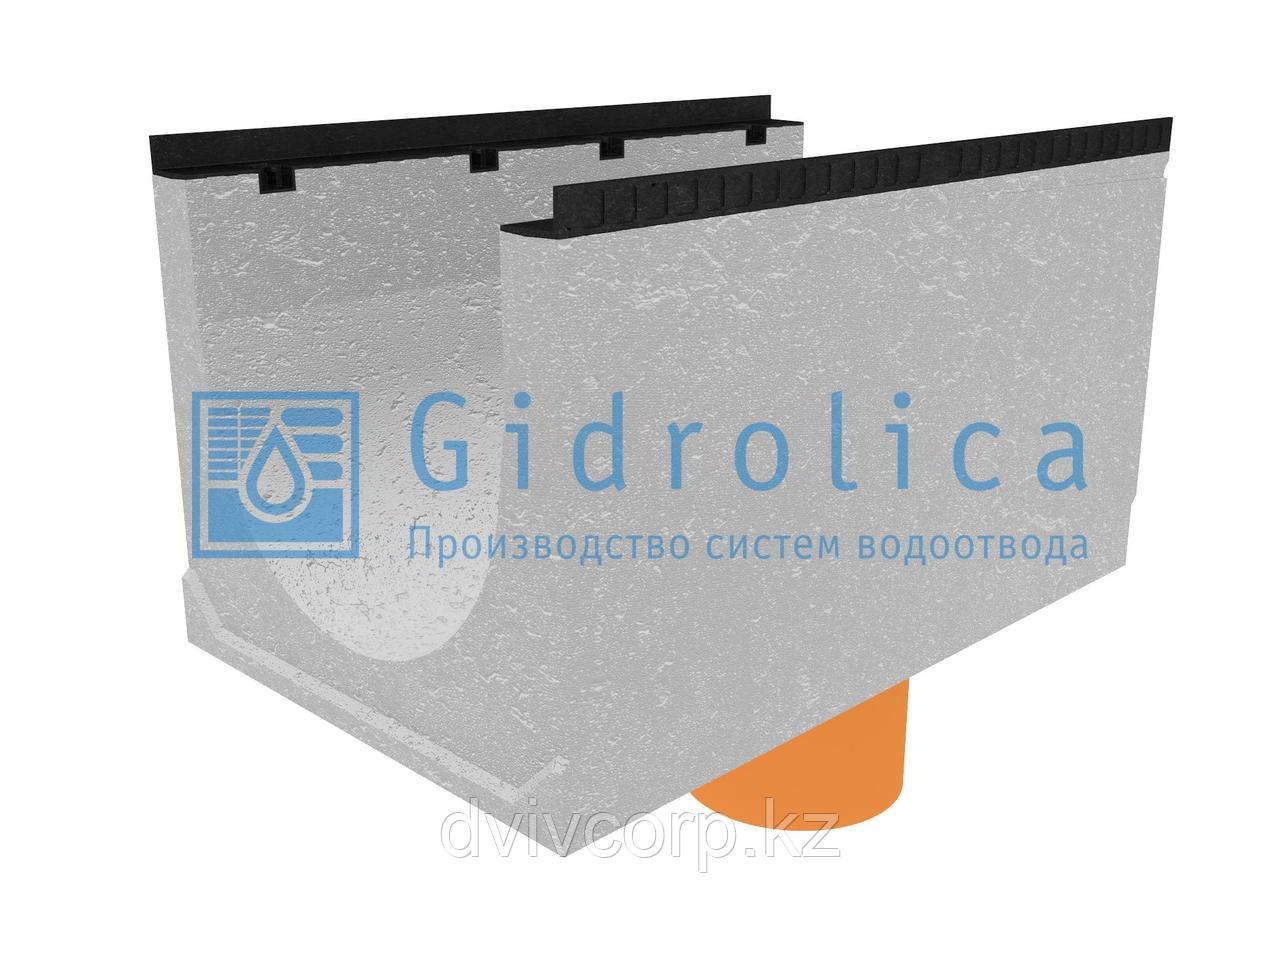 Лоток водоотводный бетонный коробчатый (СО-500мм), с водосливом КUв 100.65(50).57,5(48,5) - BGМ, № 25-0